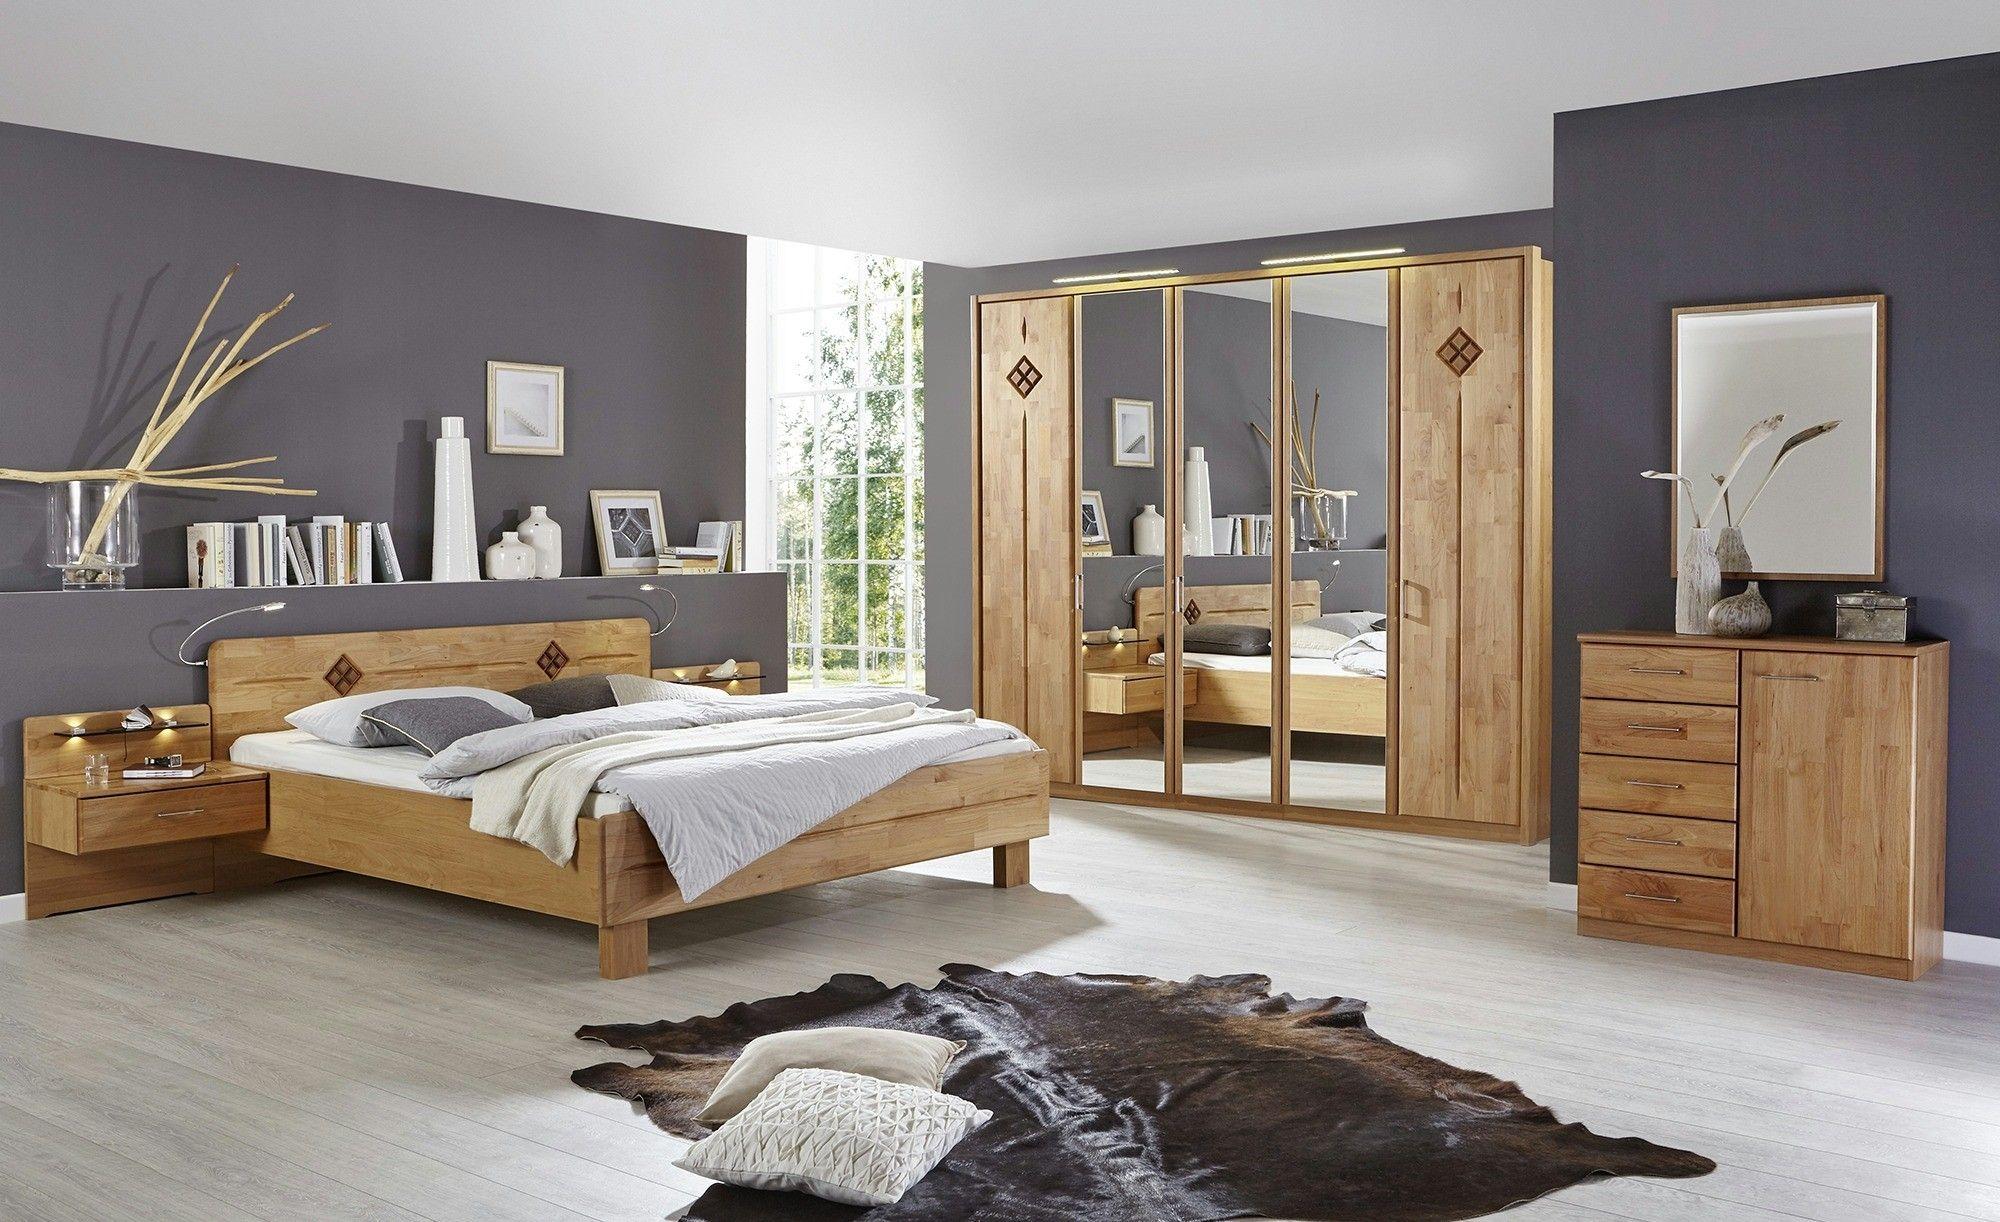 Höffner Schlafzimmer Set   Best Home Decor